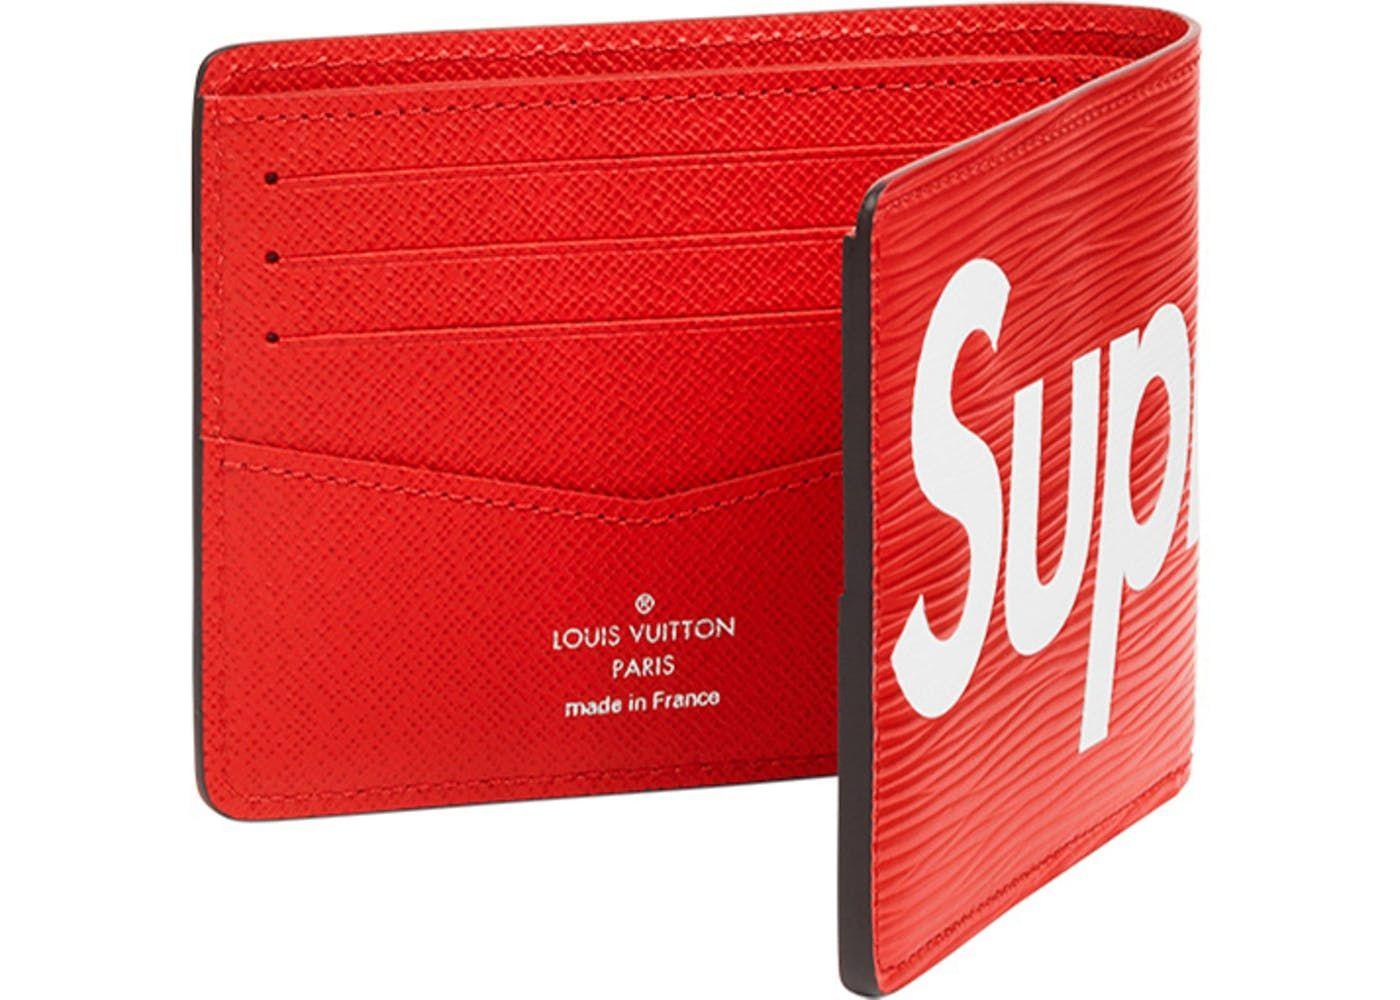 Supreme Wallet Red Louis Vuitton Supreme Louis Vuitton Red Louis Vuitton Wallet